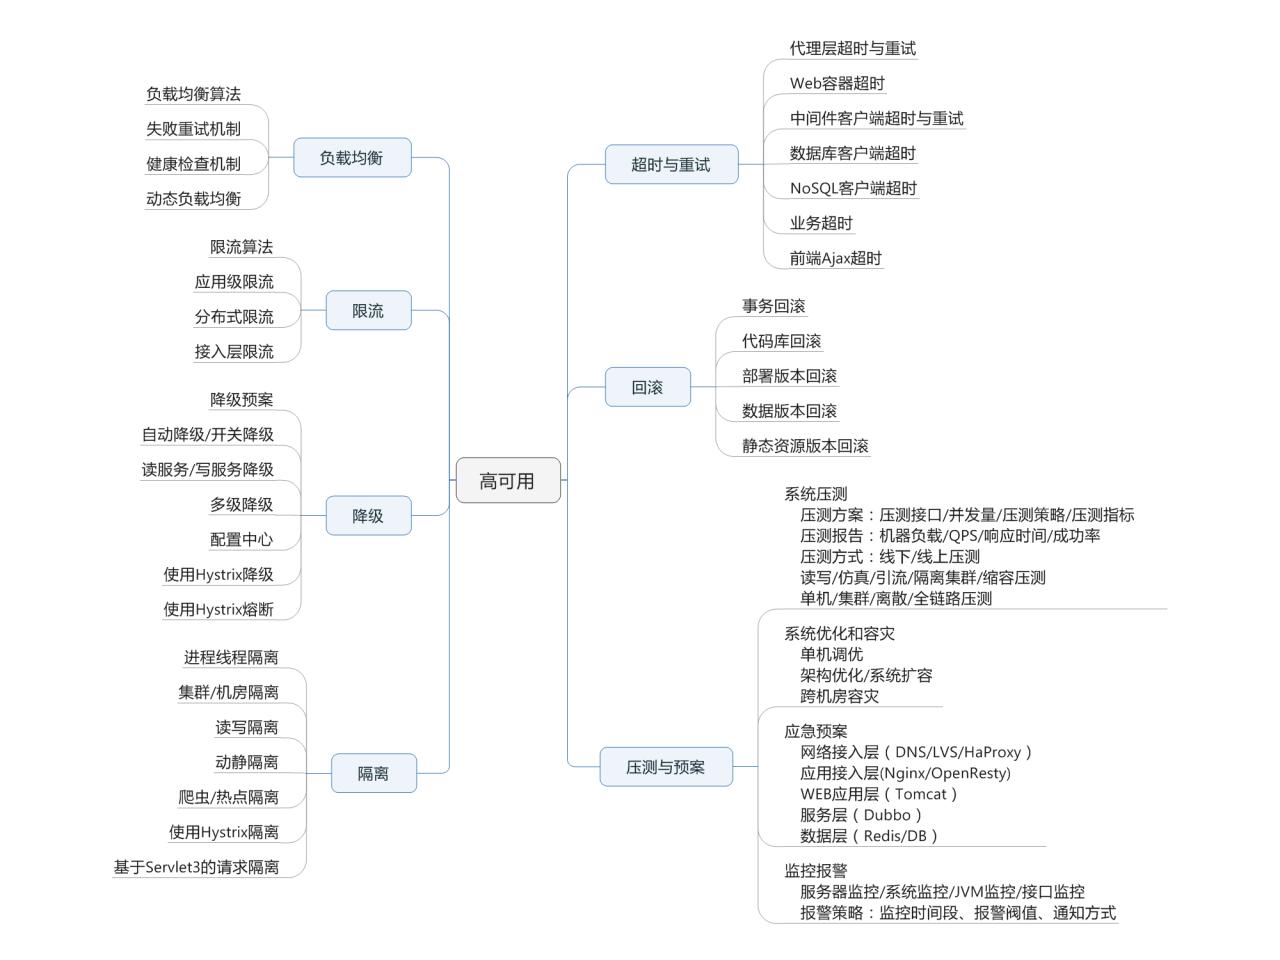 《《亿级流量网站架构核心技术》 pdf》